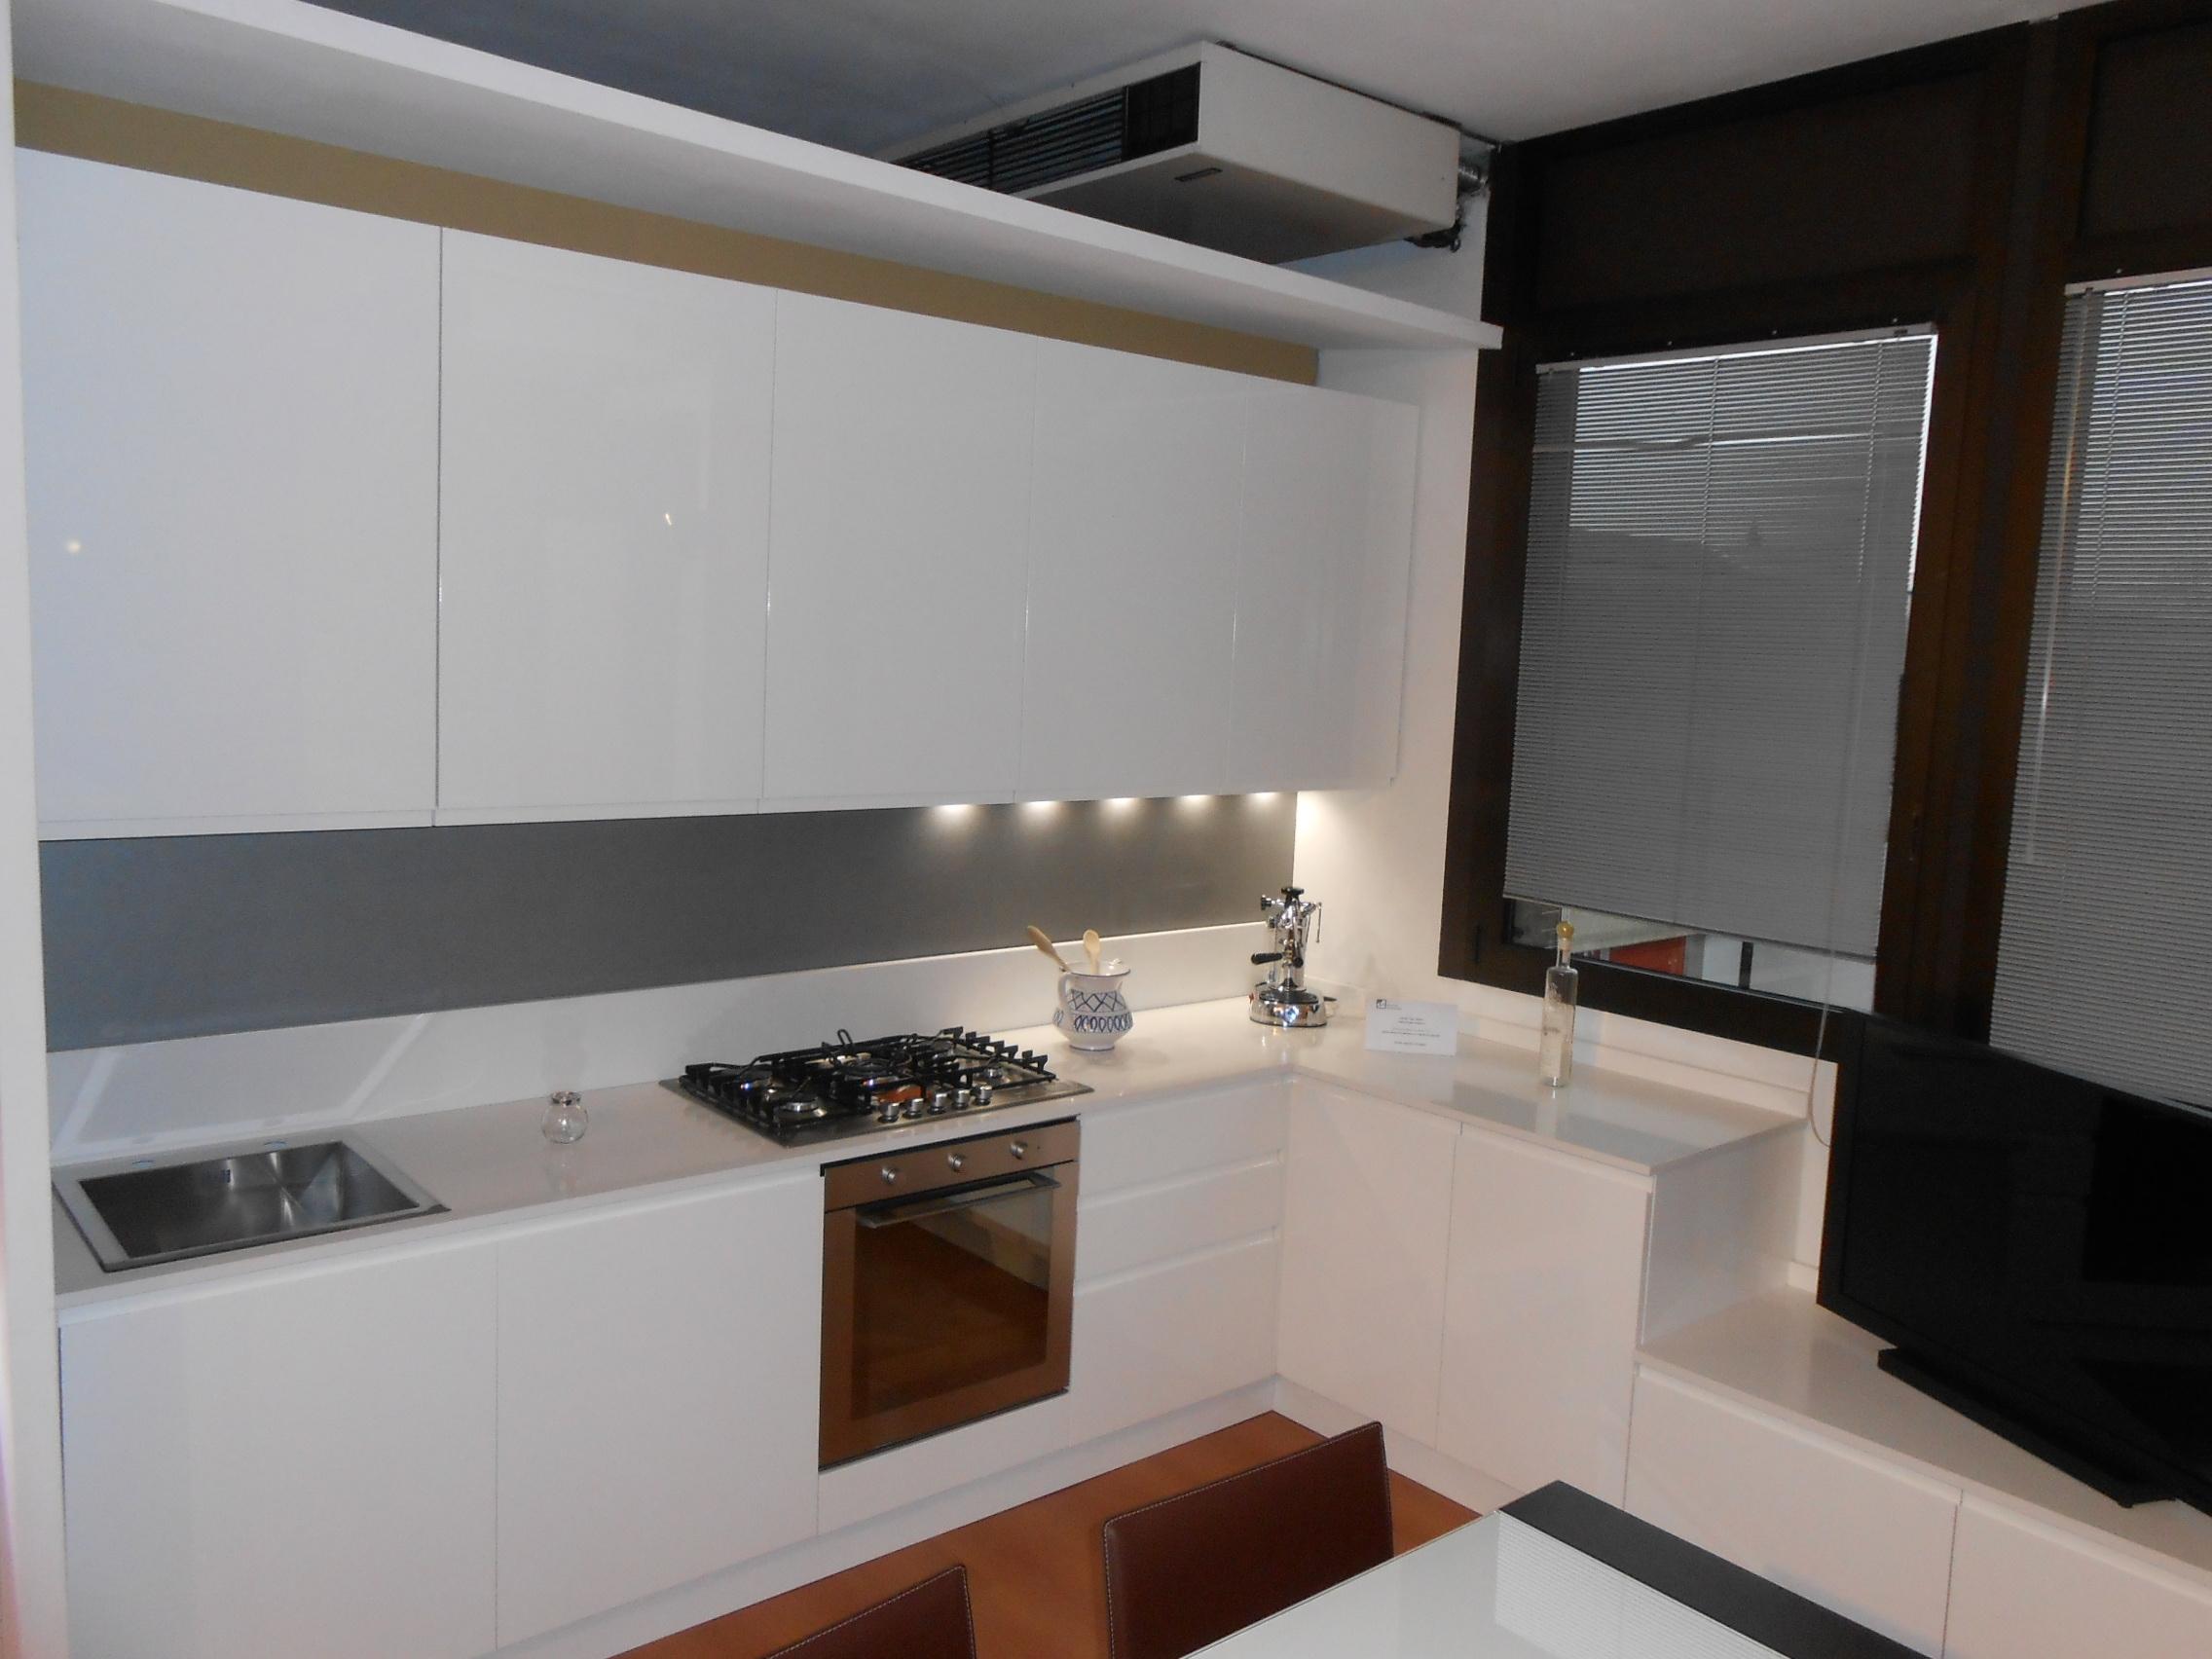 Cucina modello wega cucine a prezzi scontati - Cucine wega prezzi ...